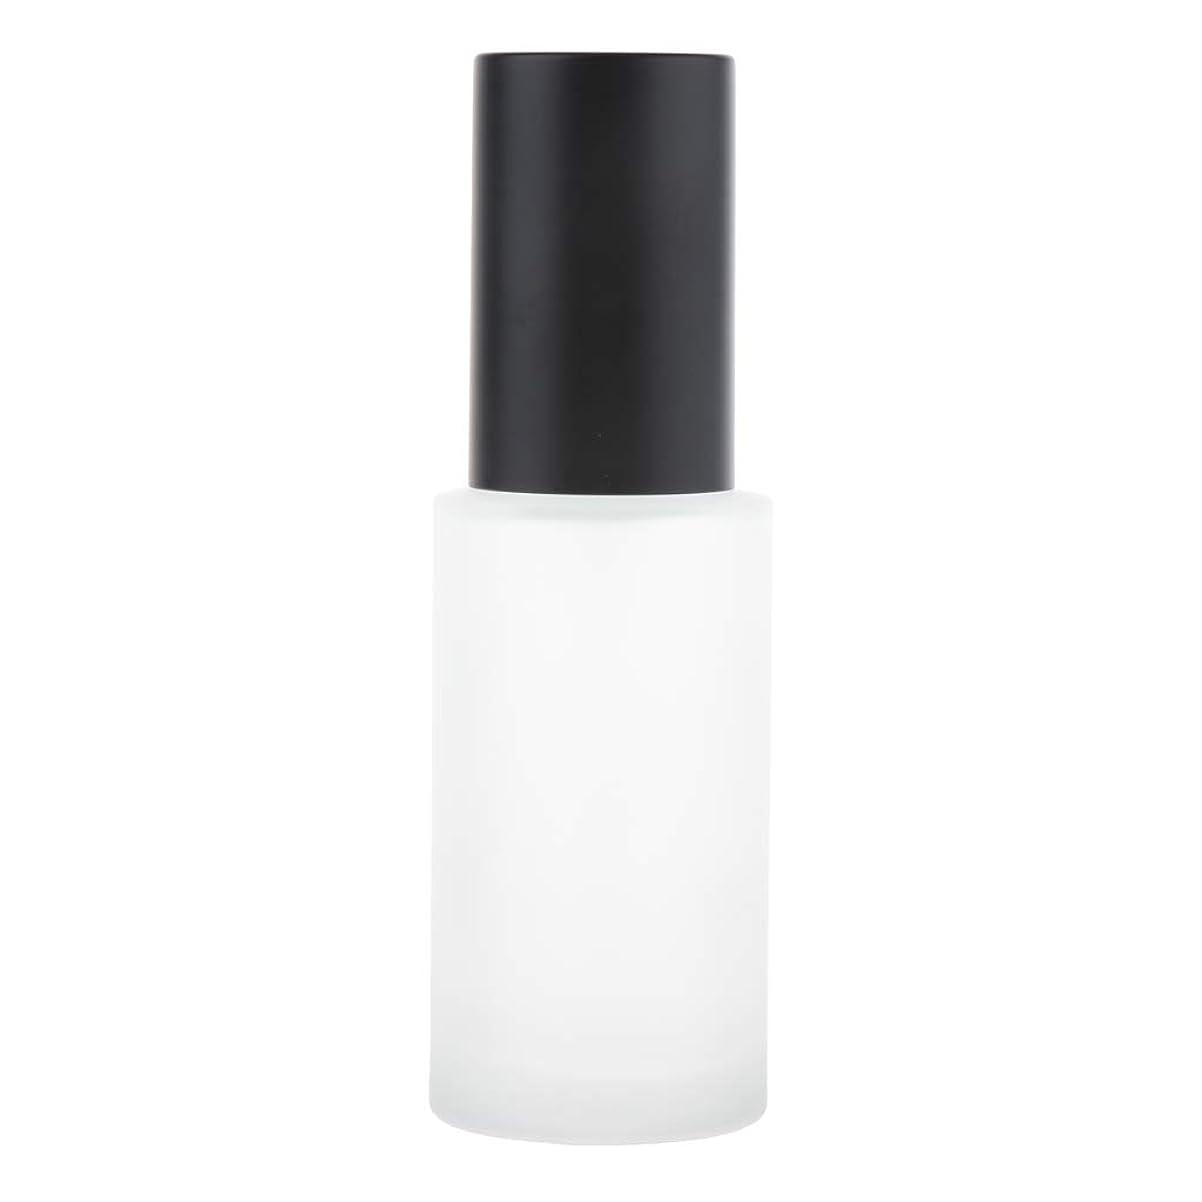 租界純粋に疑わしいポンプボトル ローションボトル ポンプびん 詰め替え式 ガラス 全3種選択でき - 40ml